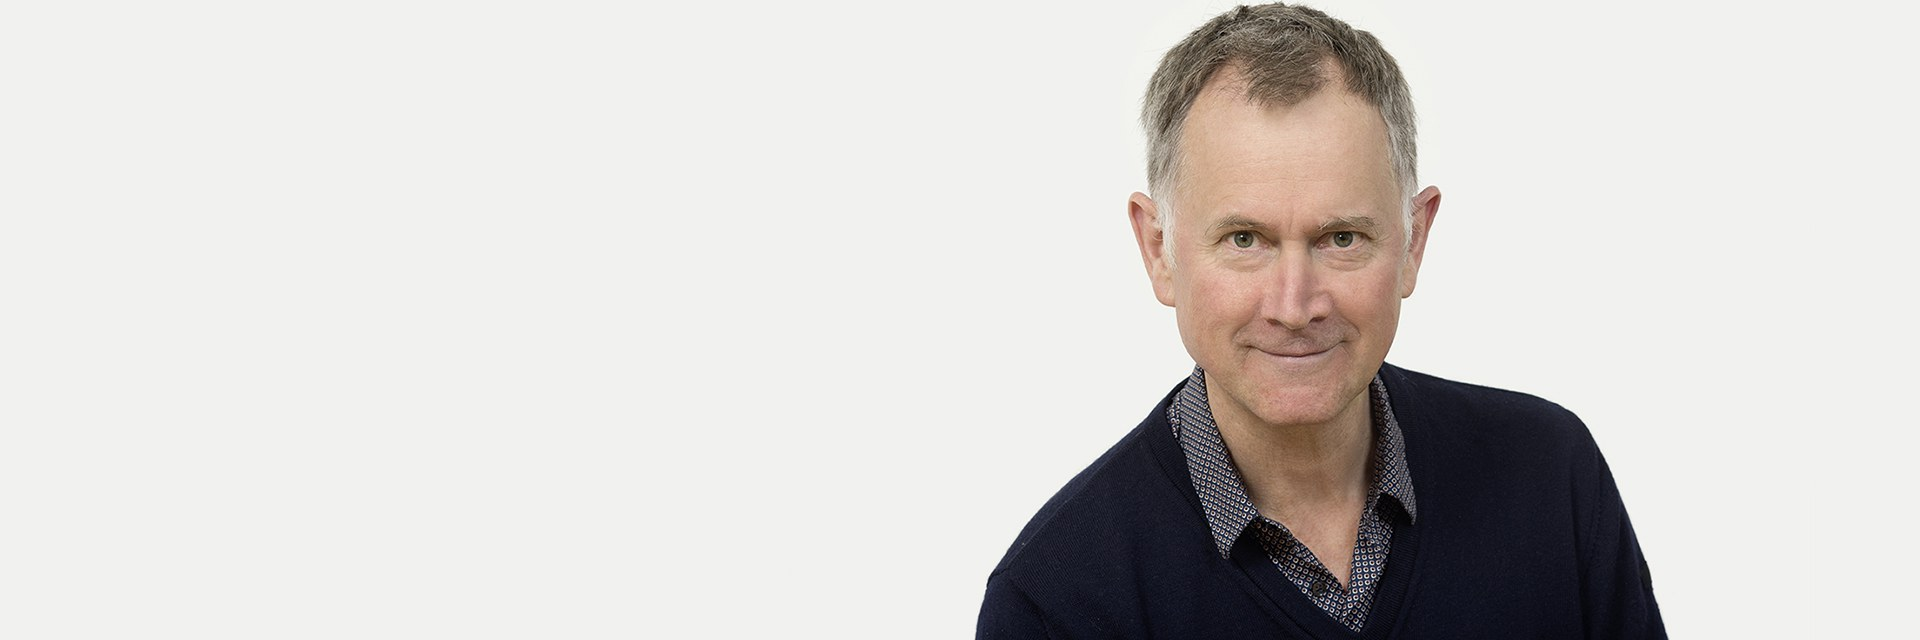 Prof. Michael Svoboda